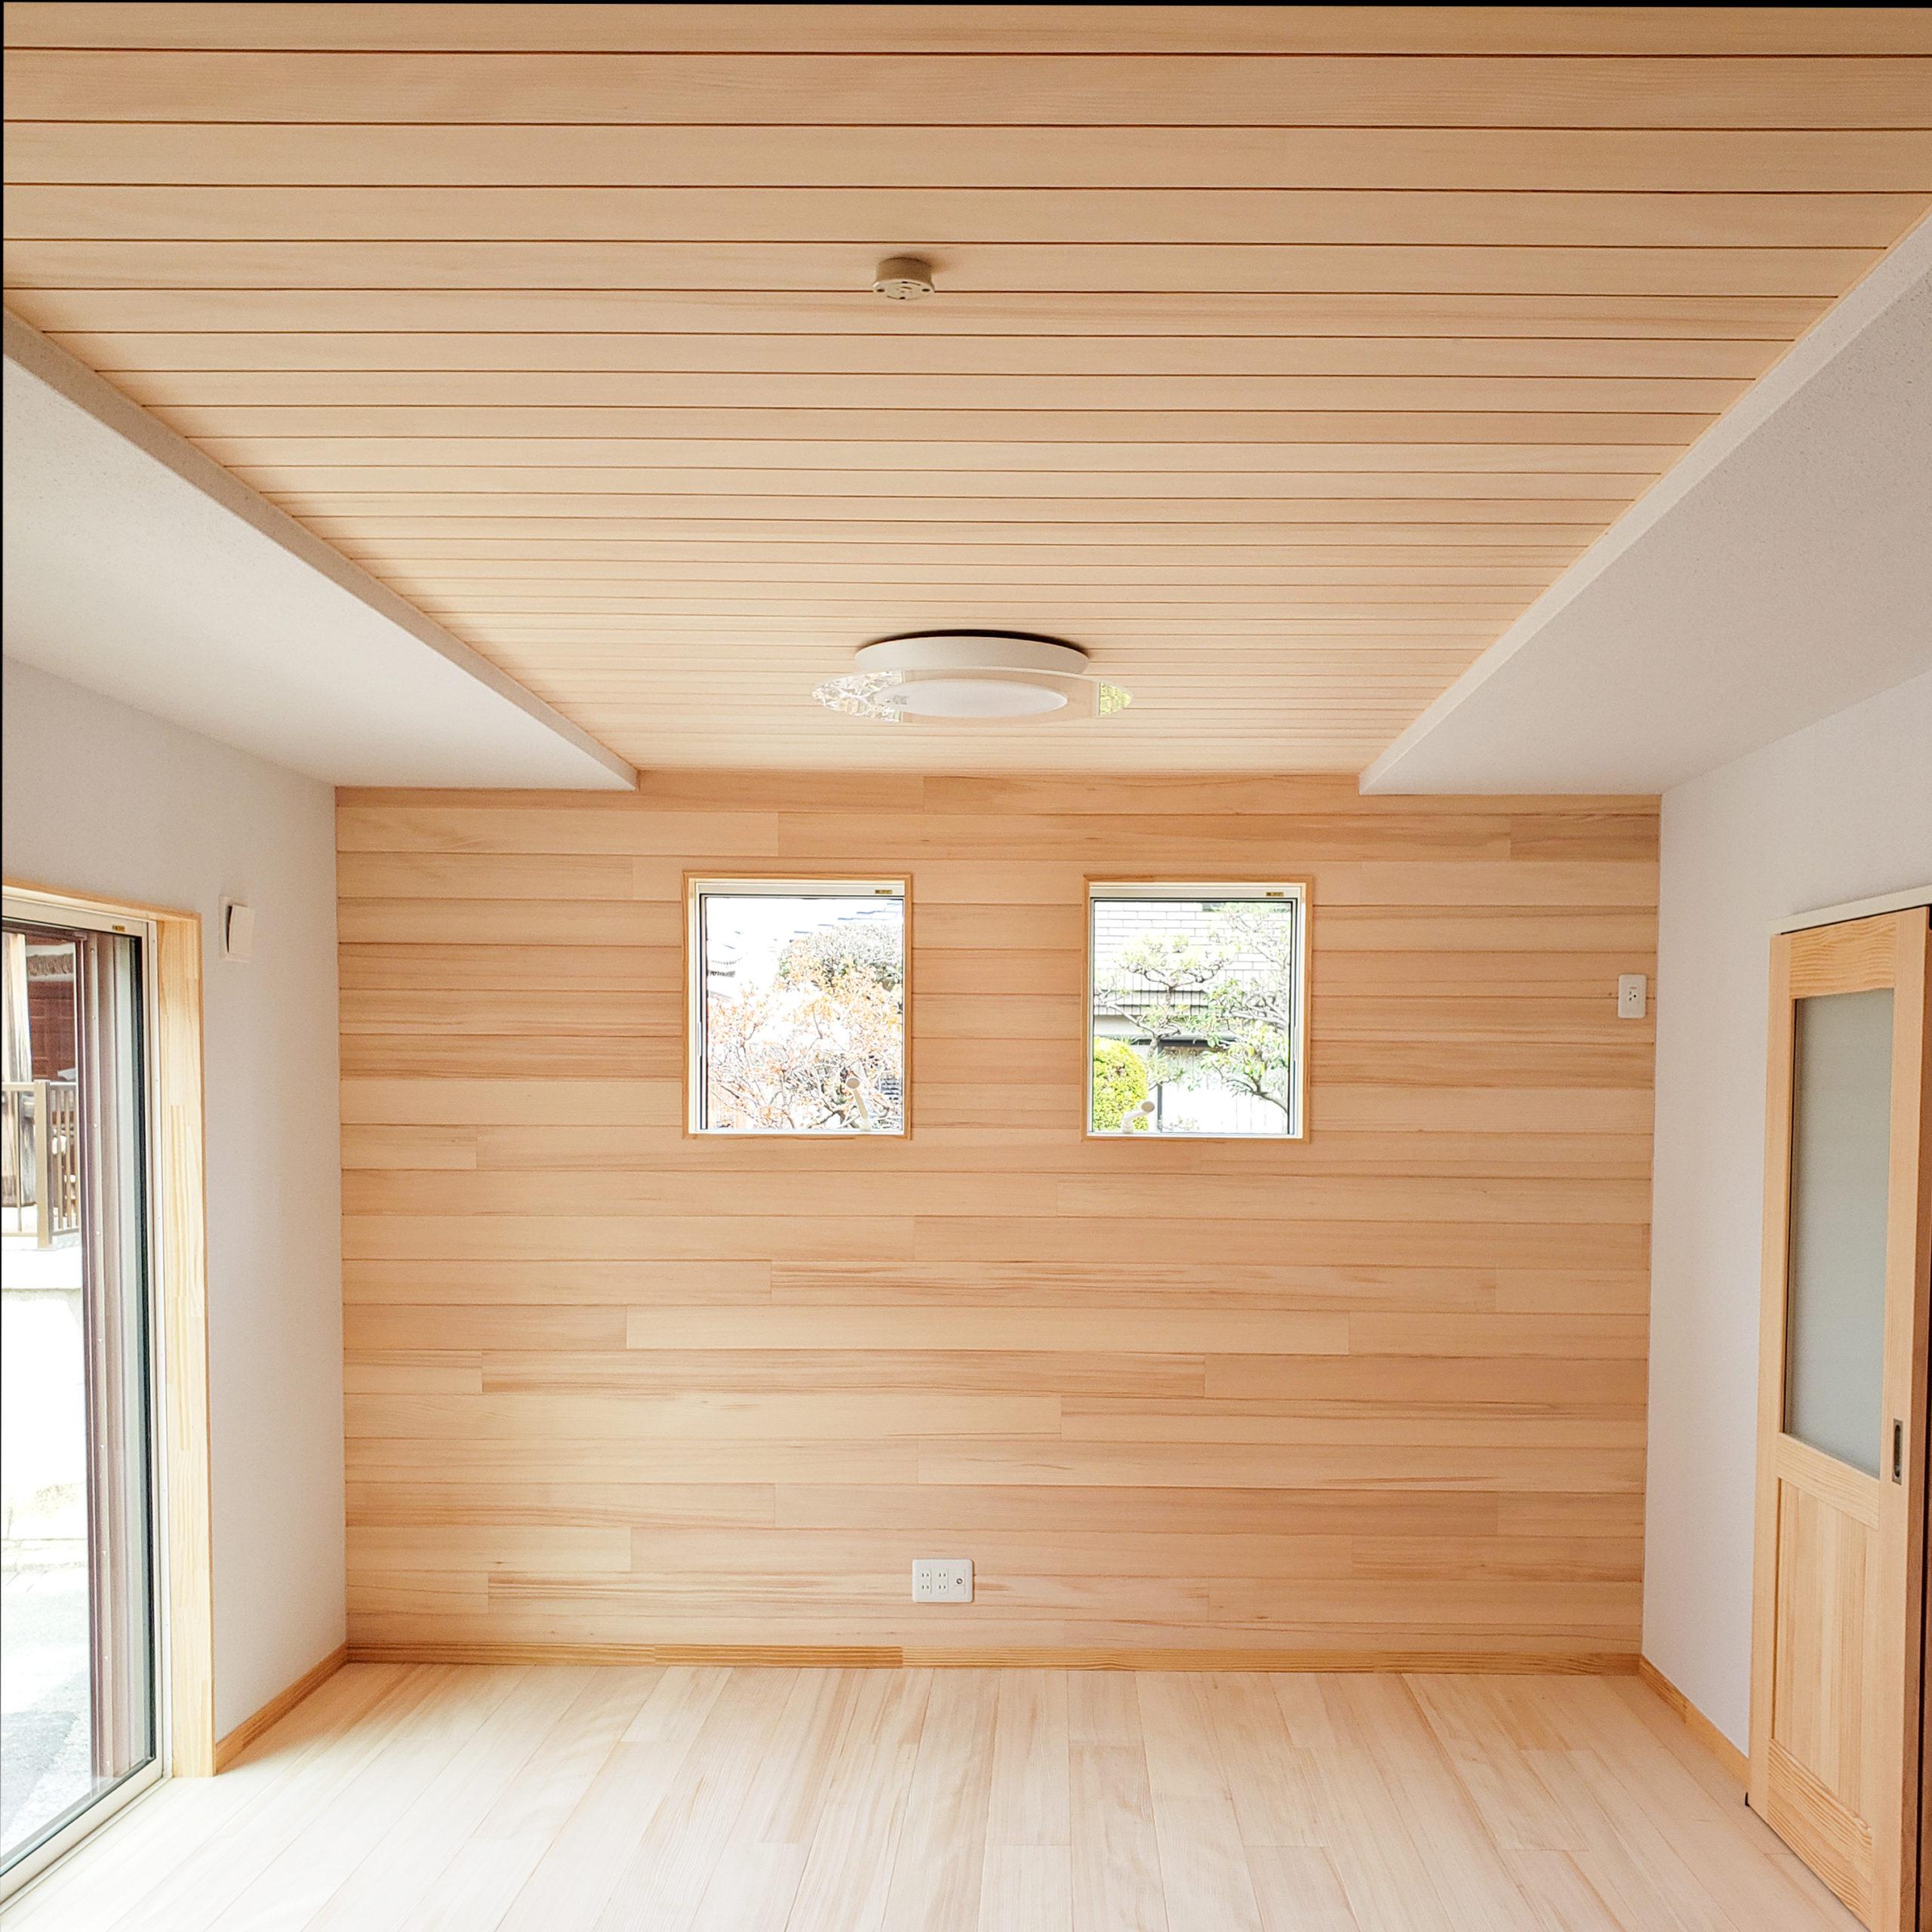 <p>テレビボードの背面は、もみの木の内装材を貼っています。</p> <p>天井や壁の一部にもみの木を貼ることによって、心安らぐ住まいとなります。</p>